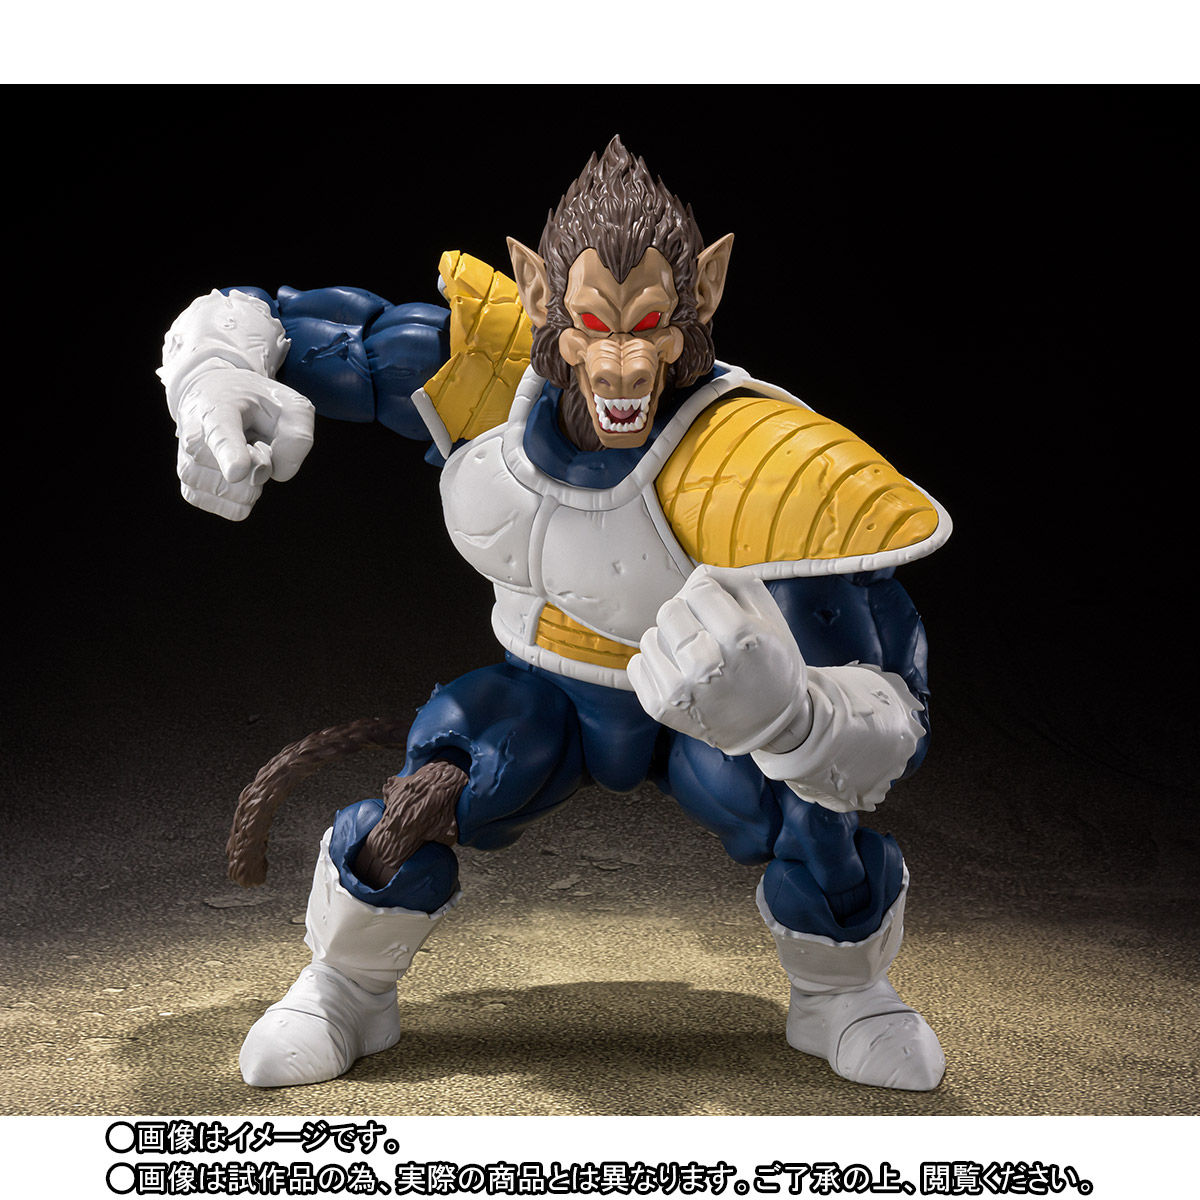 【限定販売】S.H.Figuarts『大猿ベジータ』ドラゴンボールZ 可動フィギュア-003